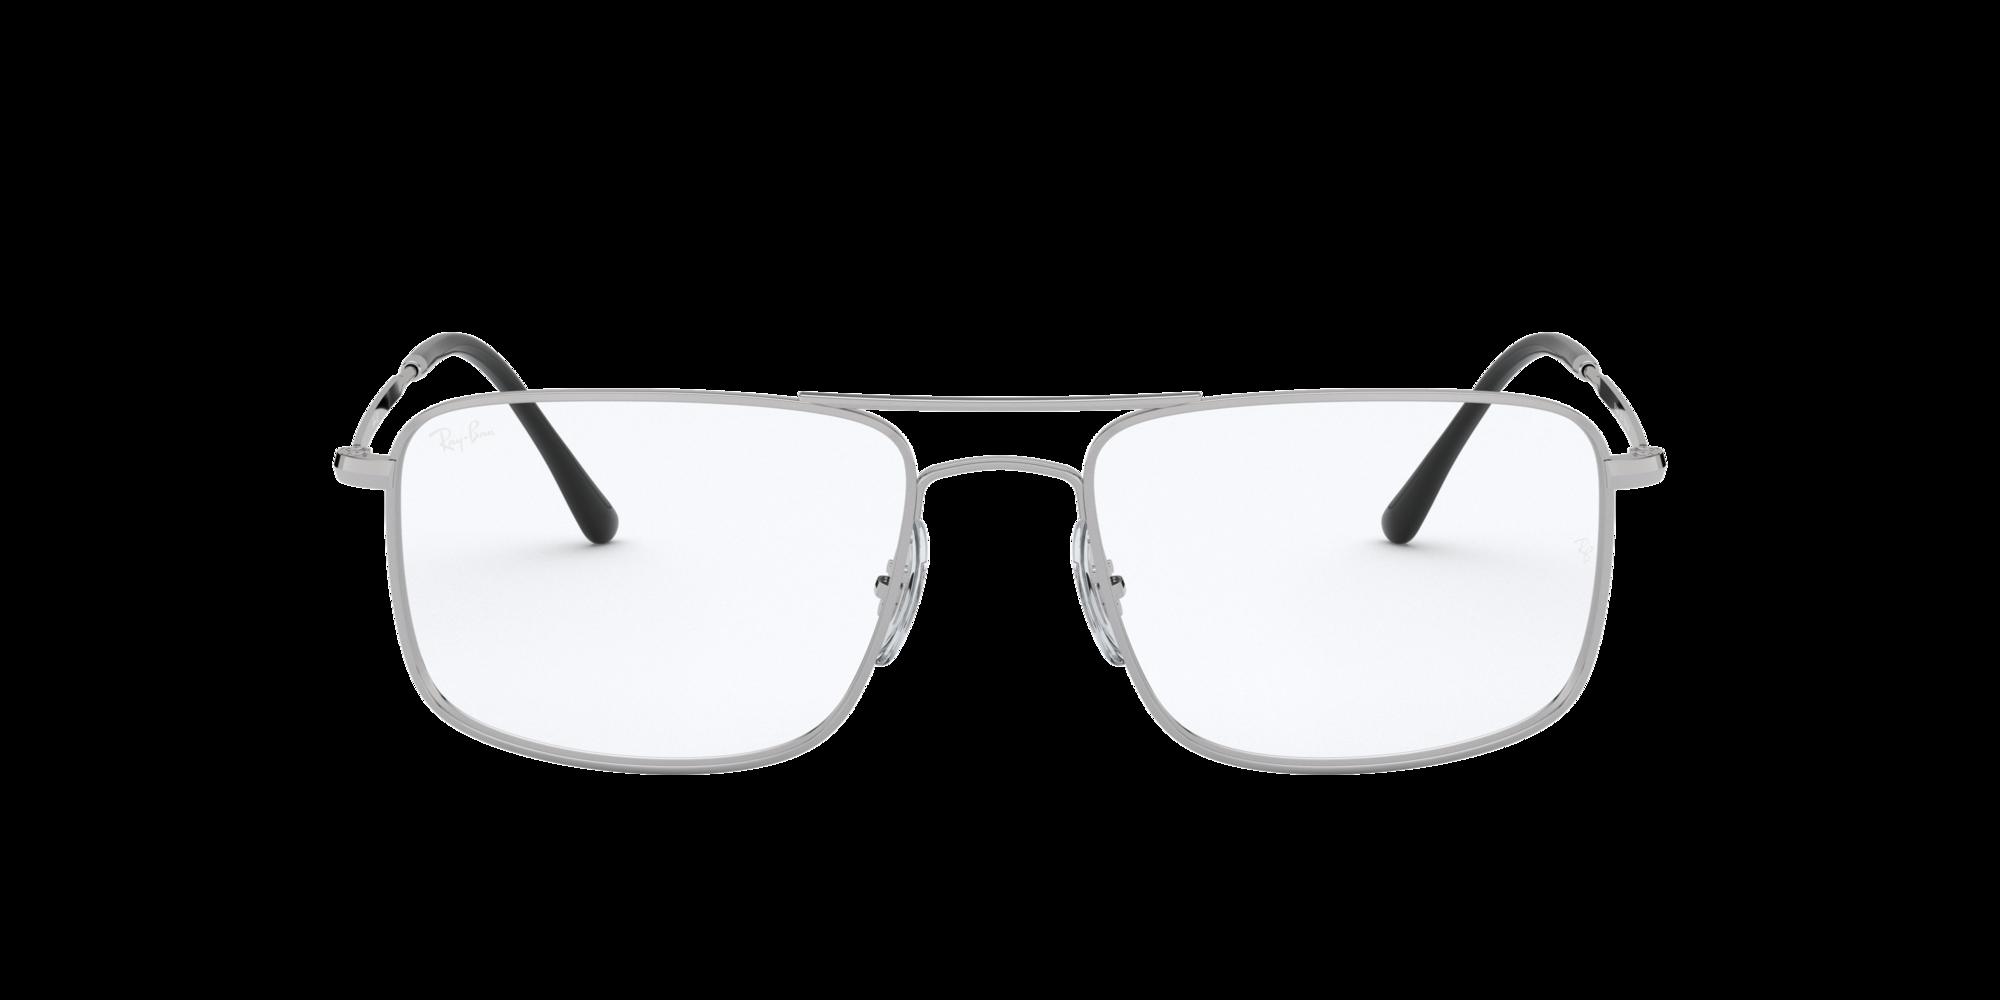 Imagen para RX6434 de LensCrafters    Espejuelos, espejuelos graduados en línea, gafas